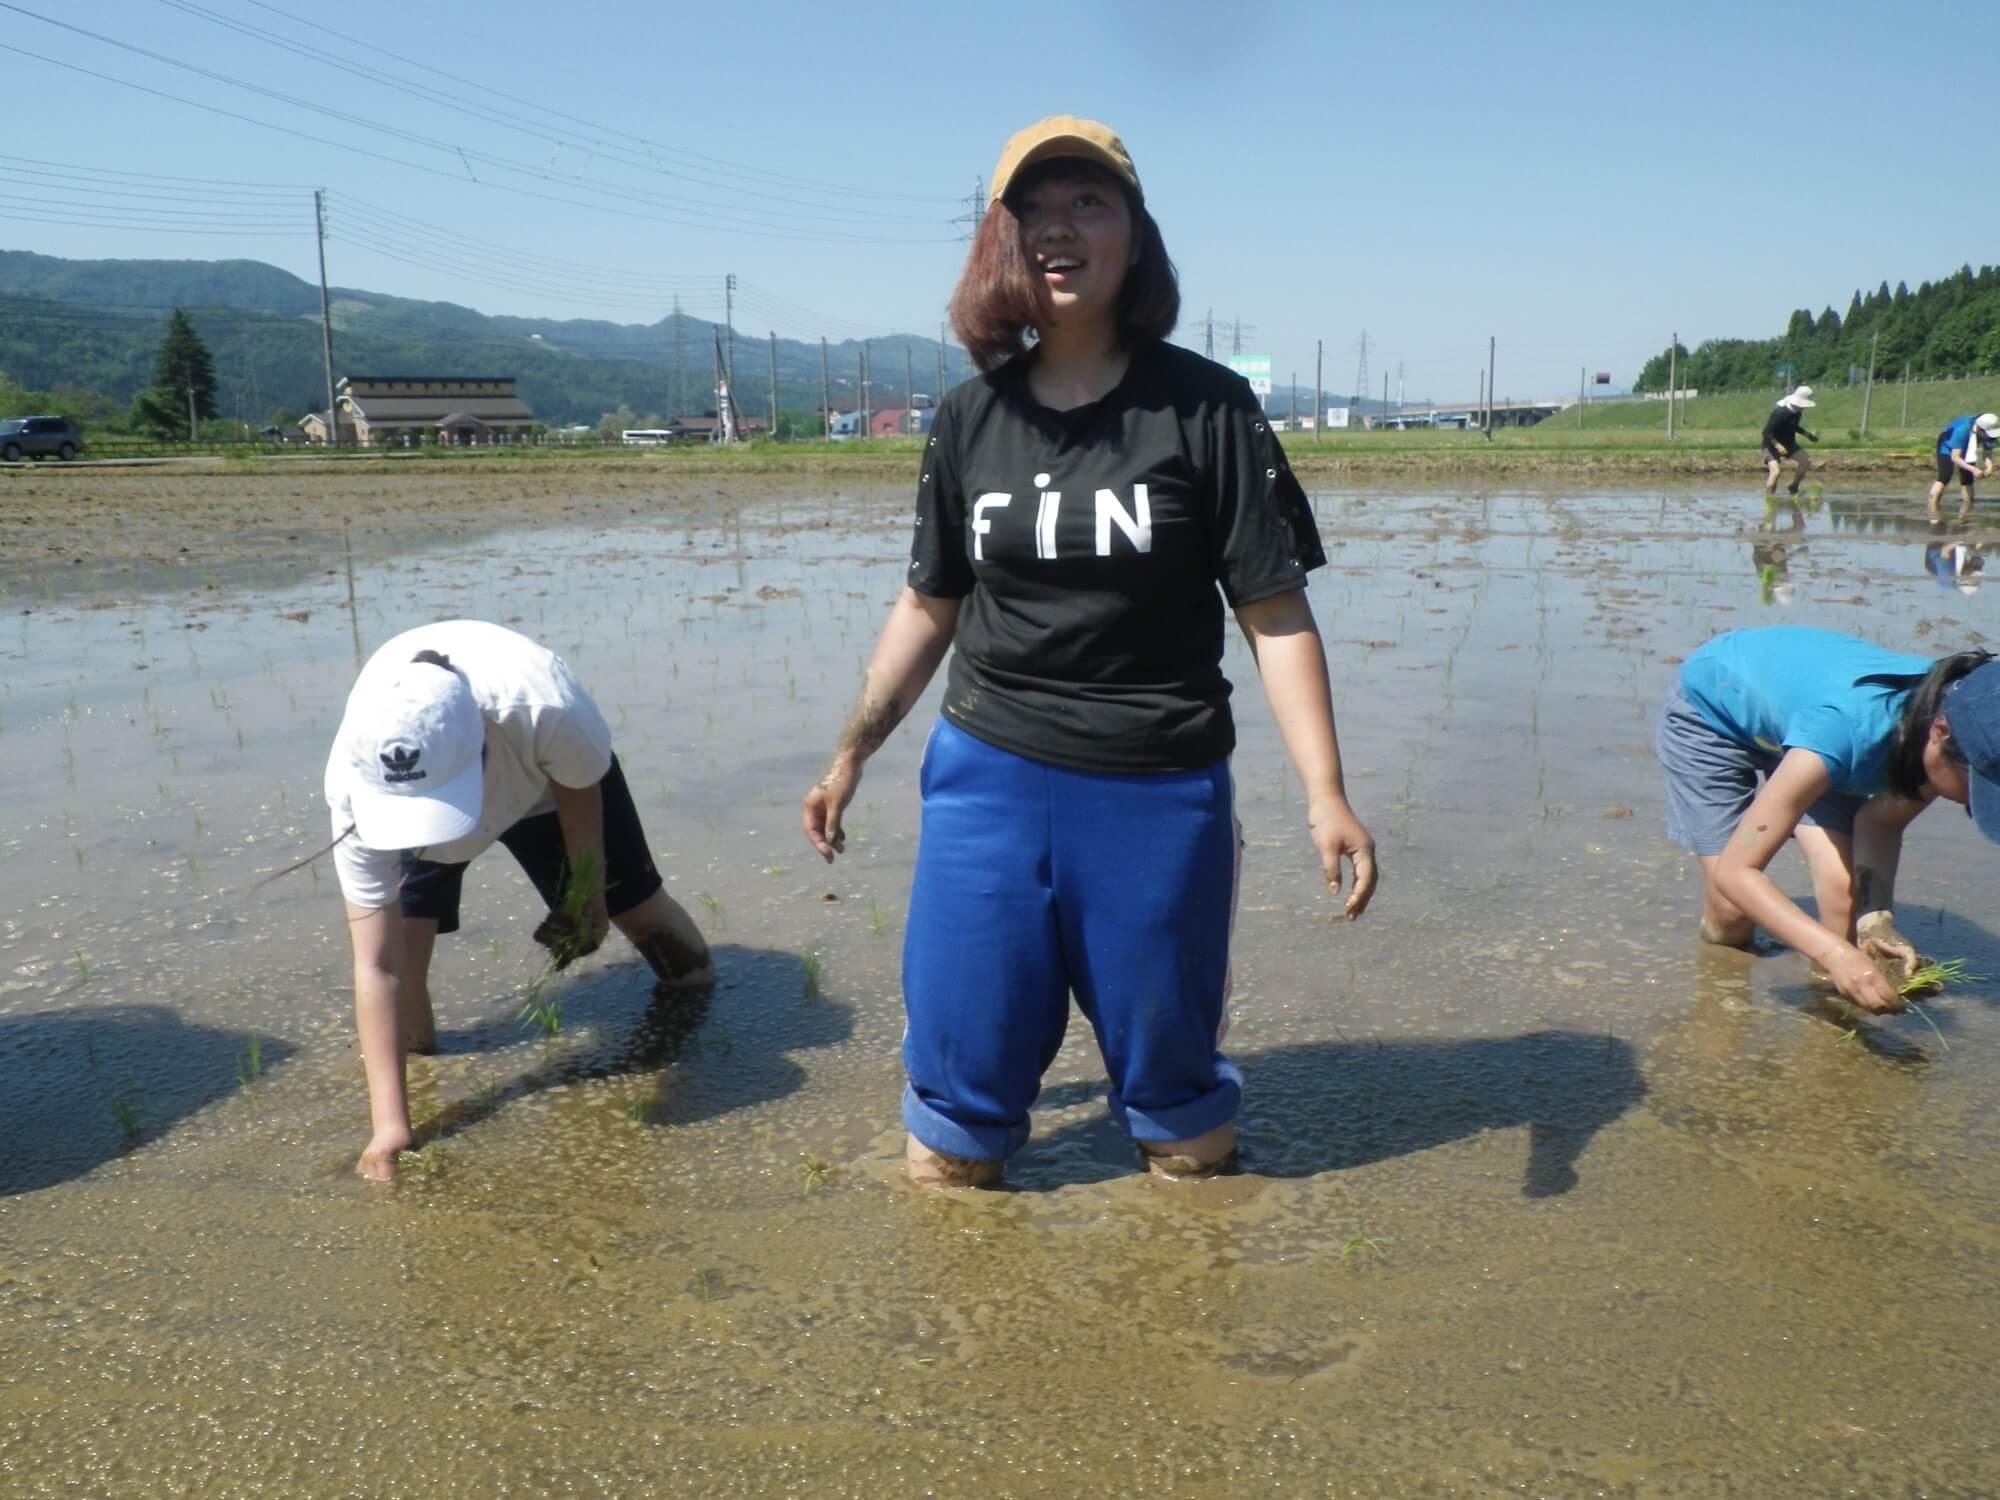 泥の中でバランスを取るのは大変!